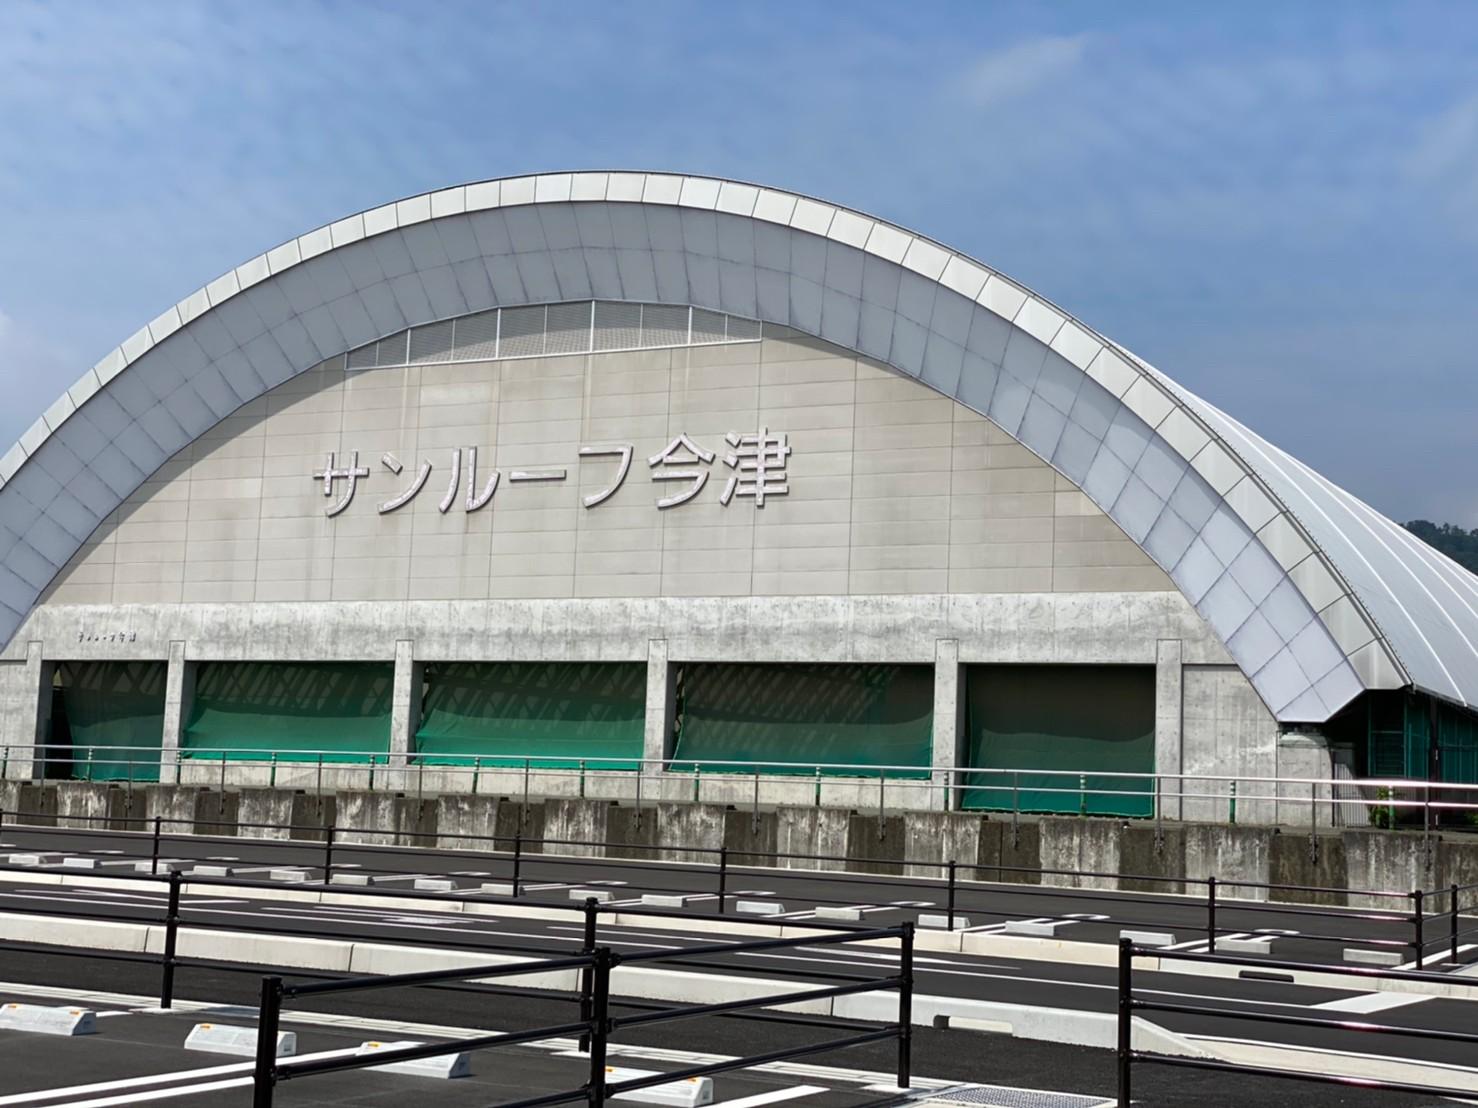 【高島市】『今津総合運動公園』情報まとめ(駐車場・トイレ・施設)